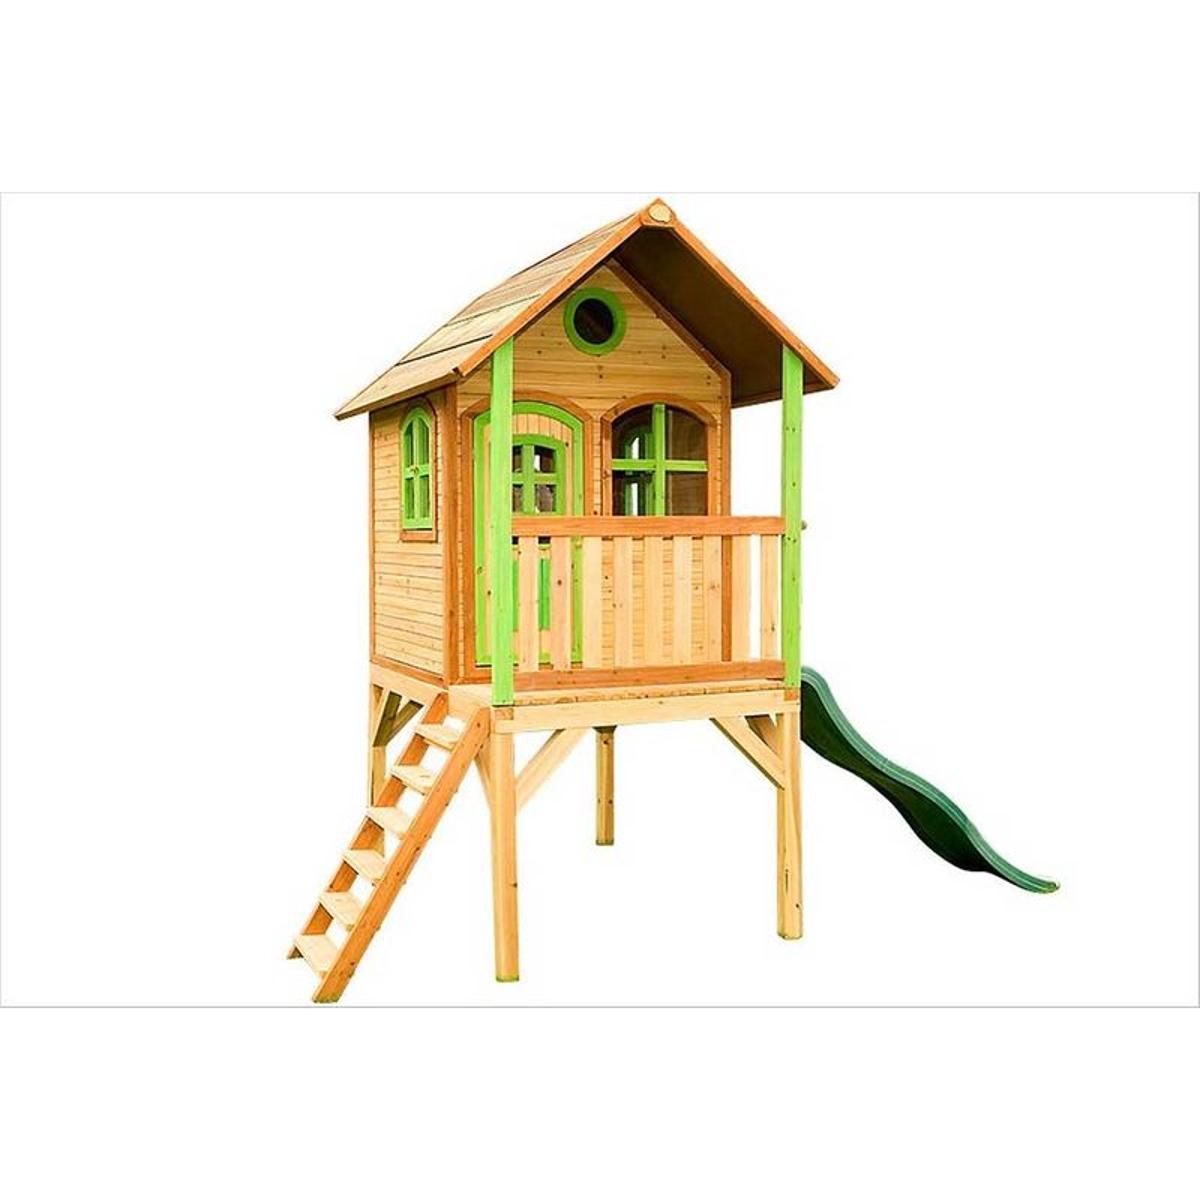 Cabane enfant en bois sur pilotis Laura